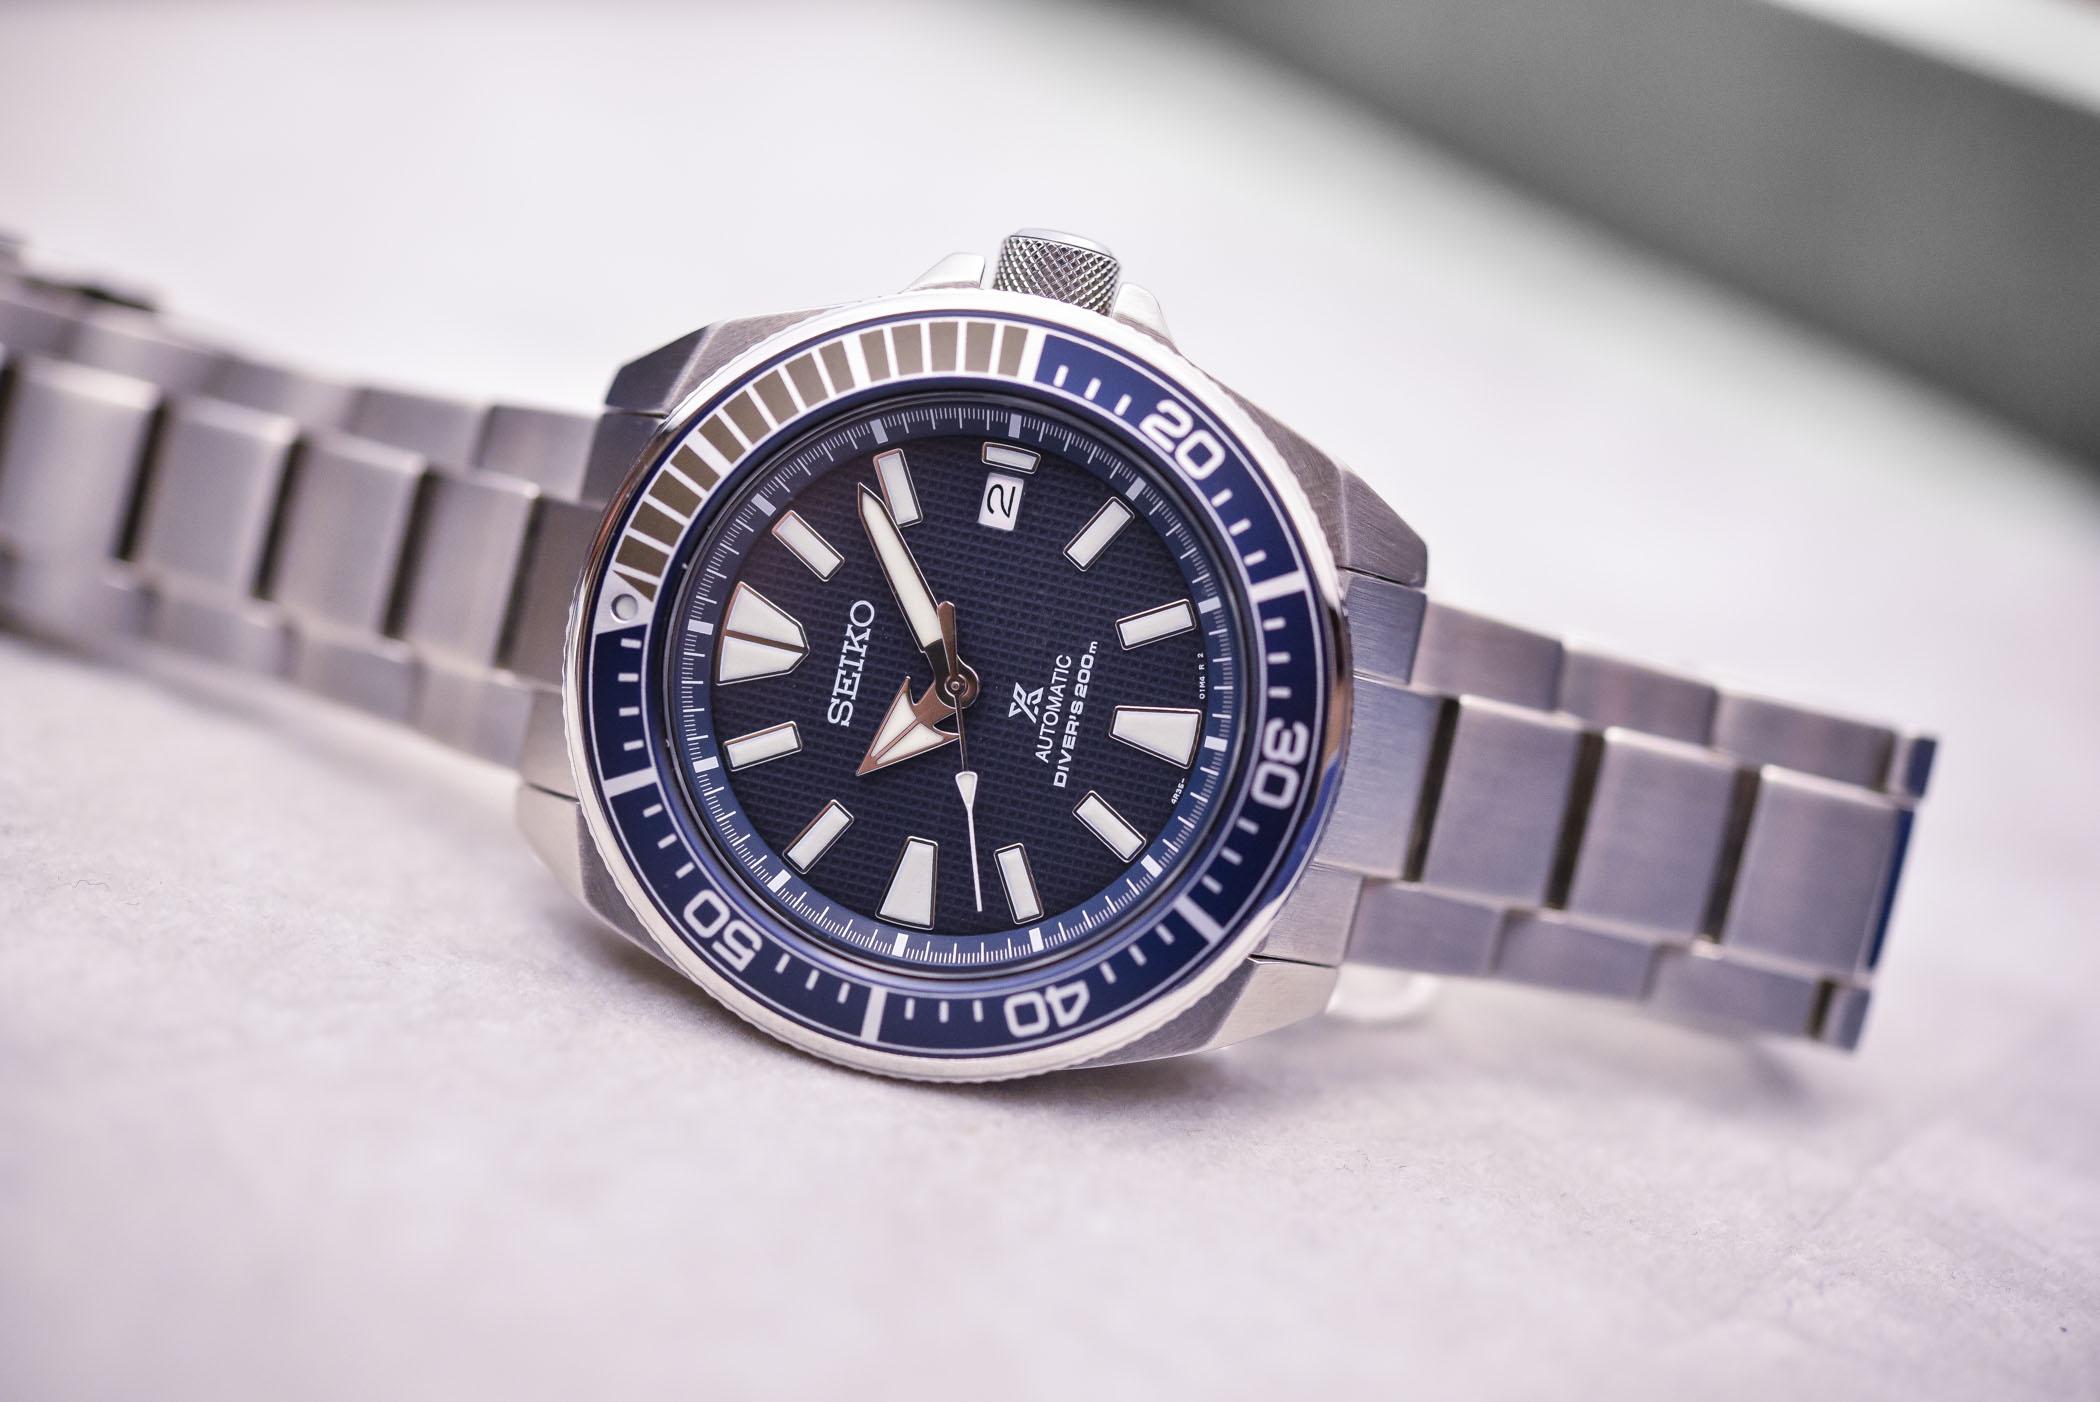 Seiko Prospex Samurai Diver - SRPB49K1